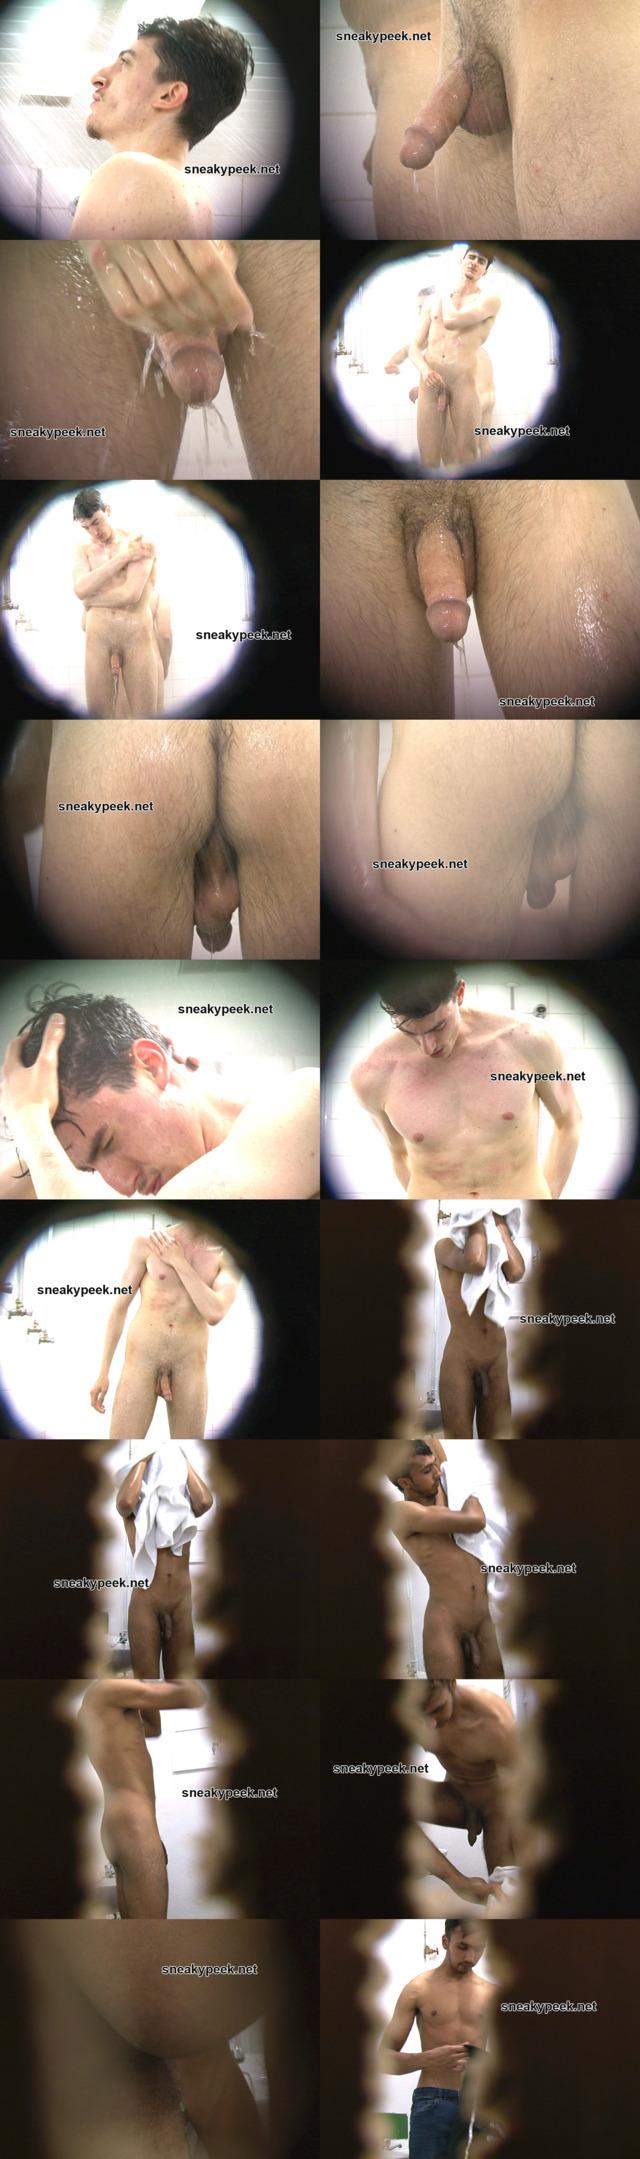 straight guy caught naked shower locker room